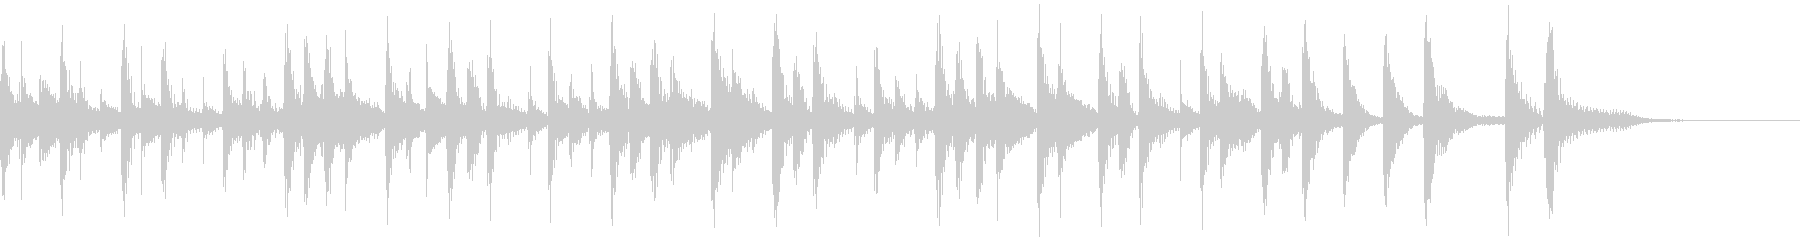 コンサルサ、スローテンポ、ピアノなしの未再生の波形